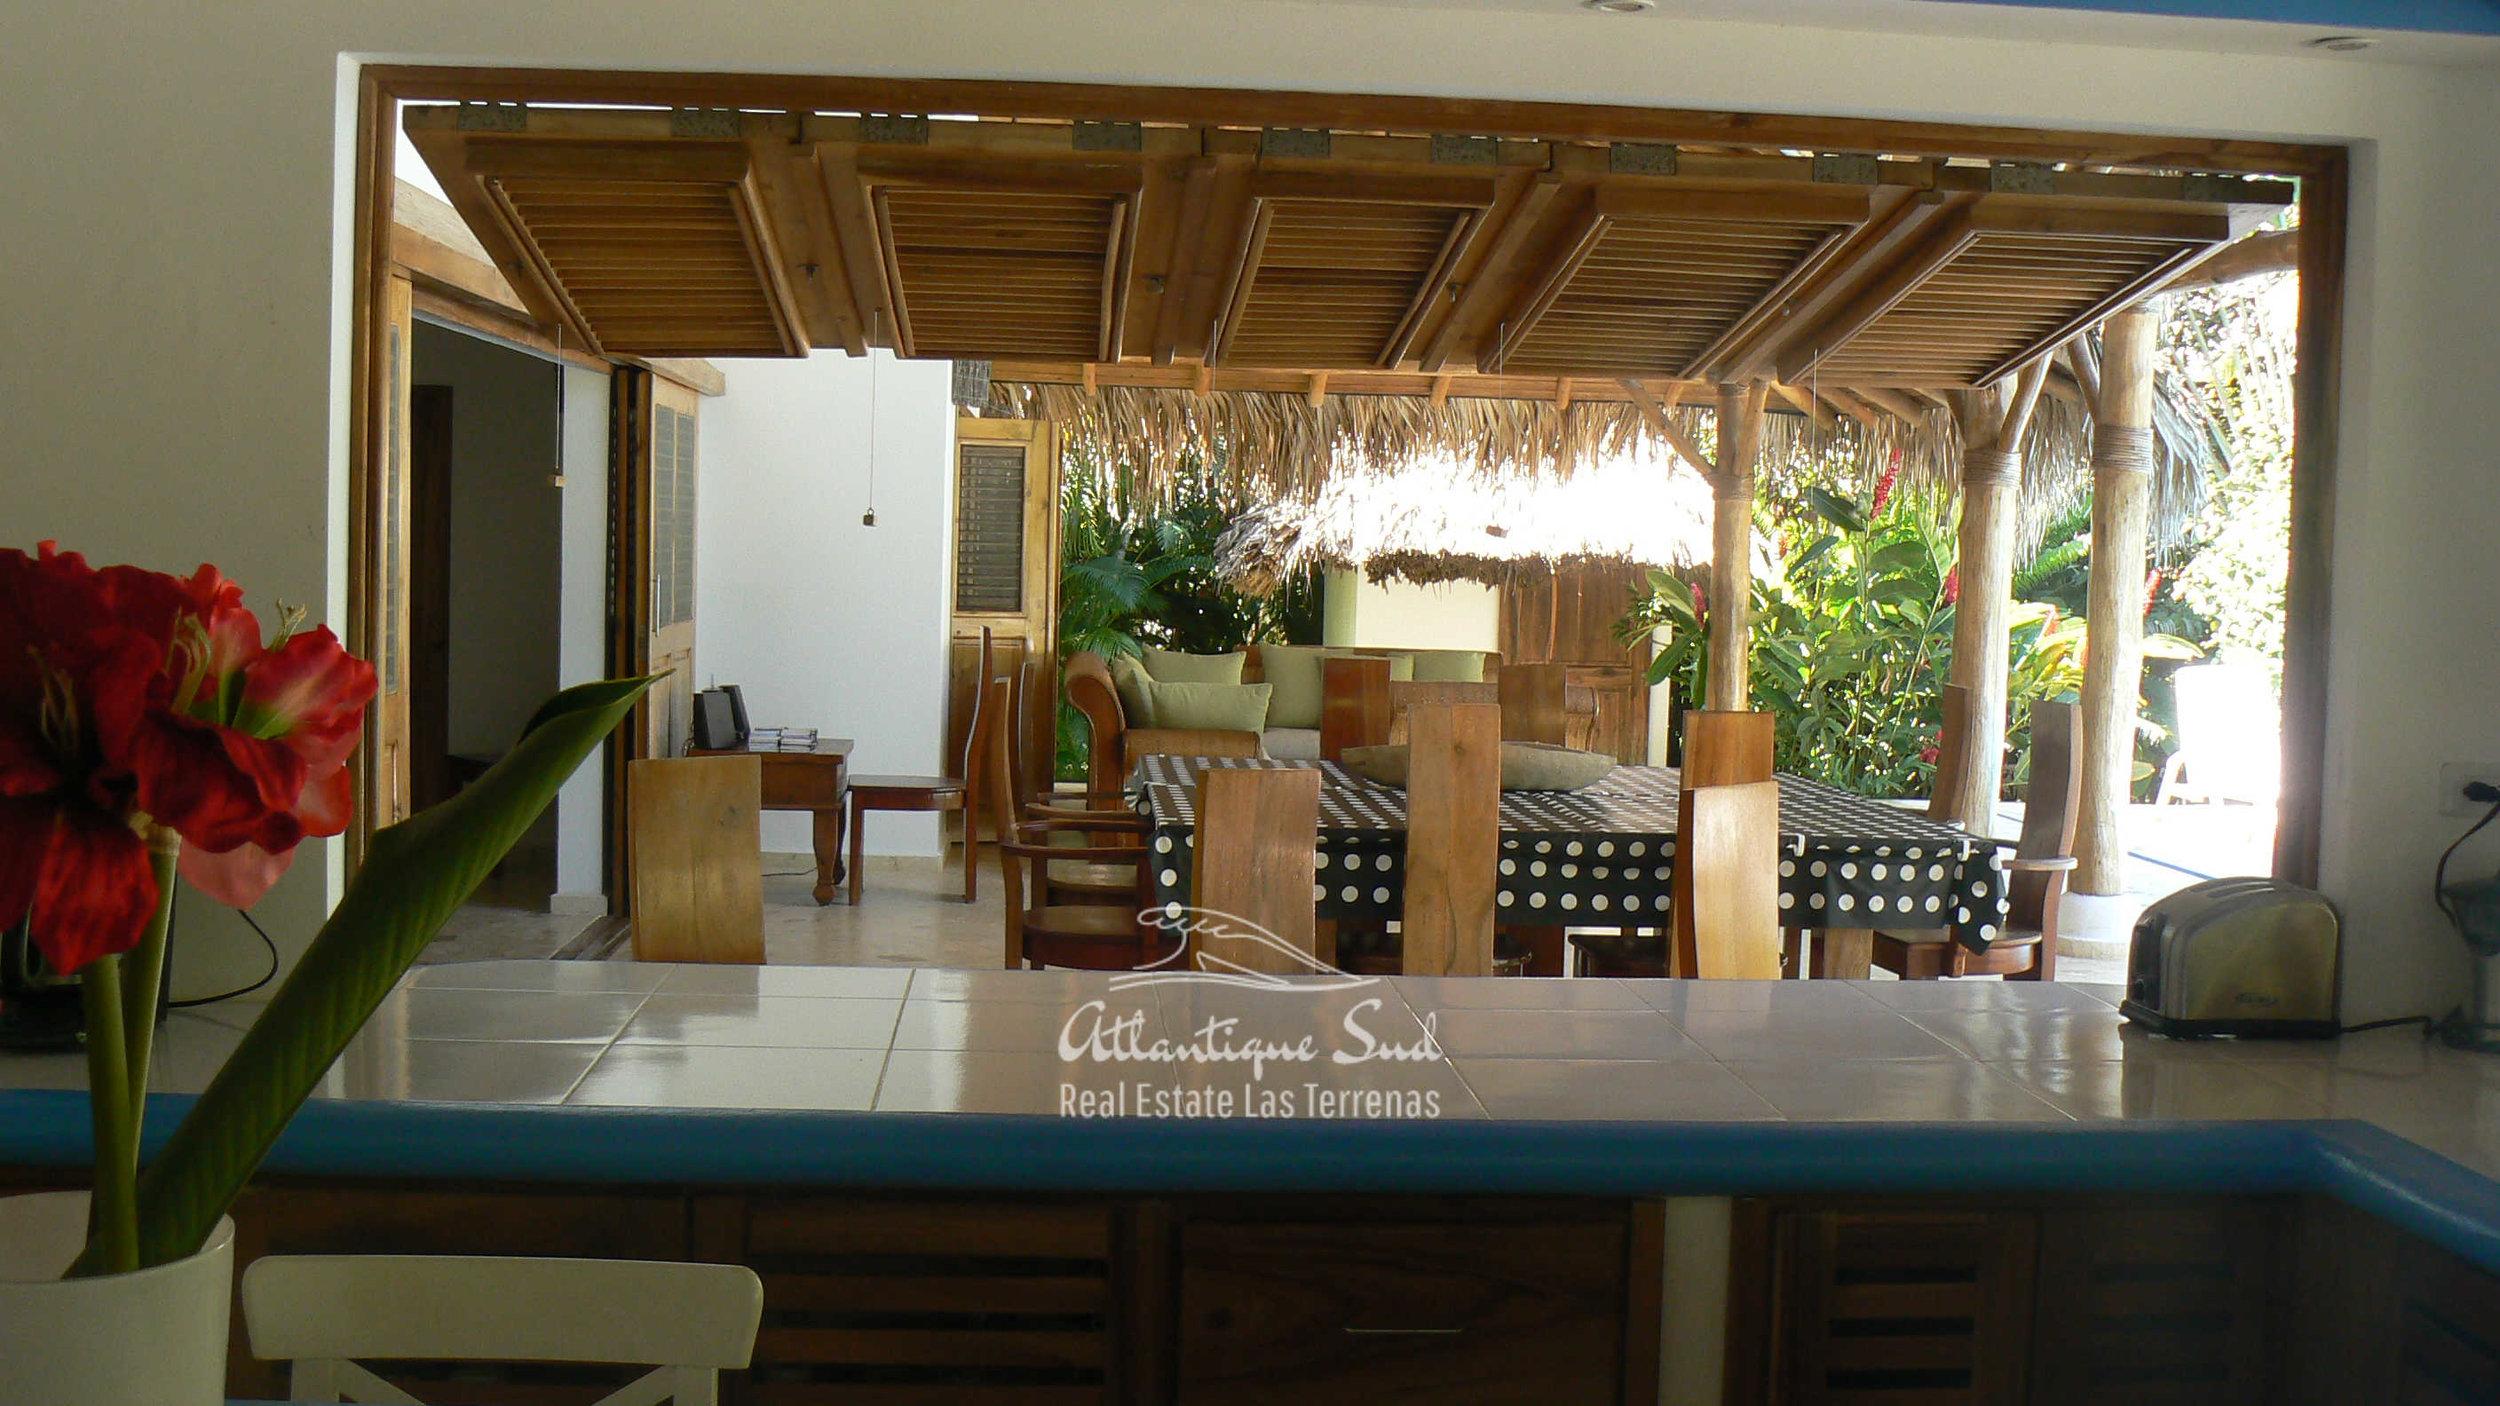 Villa in los nomadas for sale Las Terrenas DR 3.jpg